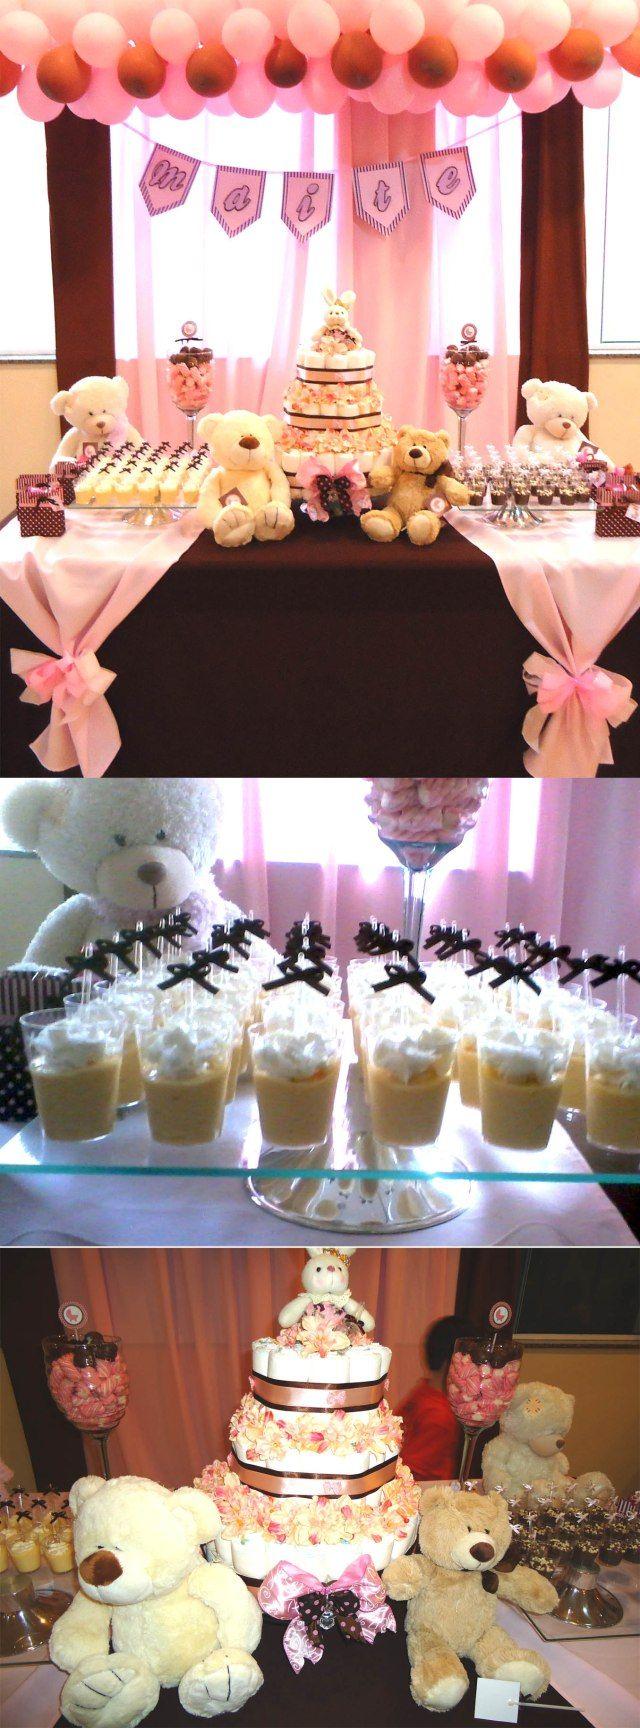 Chá de Bebê feito pela nossa cliente Kelen de São Carlos/SP para a Maitê. Super fofa a decoração com ursos de pelúcia nas cores marrom e rosa. Bolo de fraldas e docinhos feito por ela mesma, um cap…